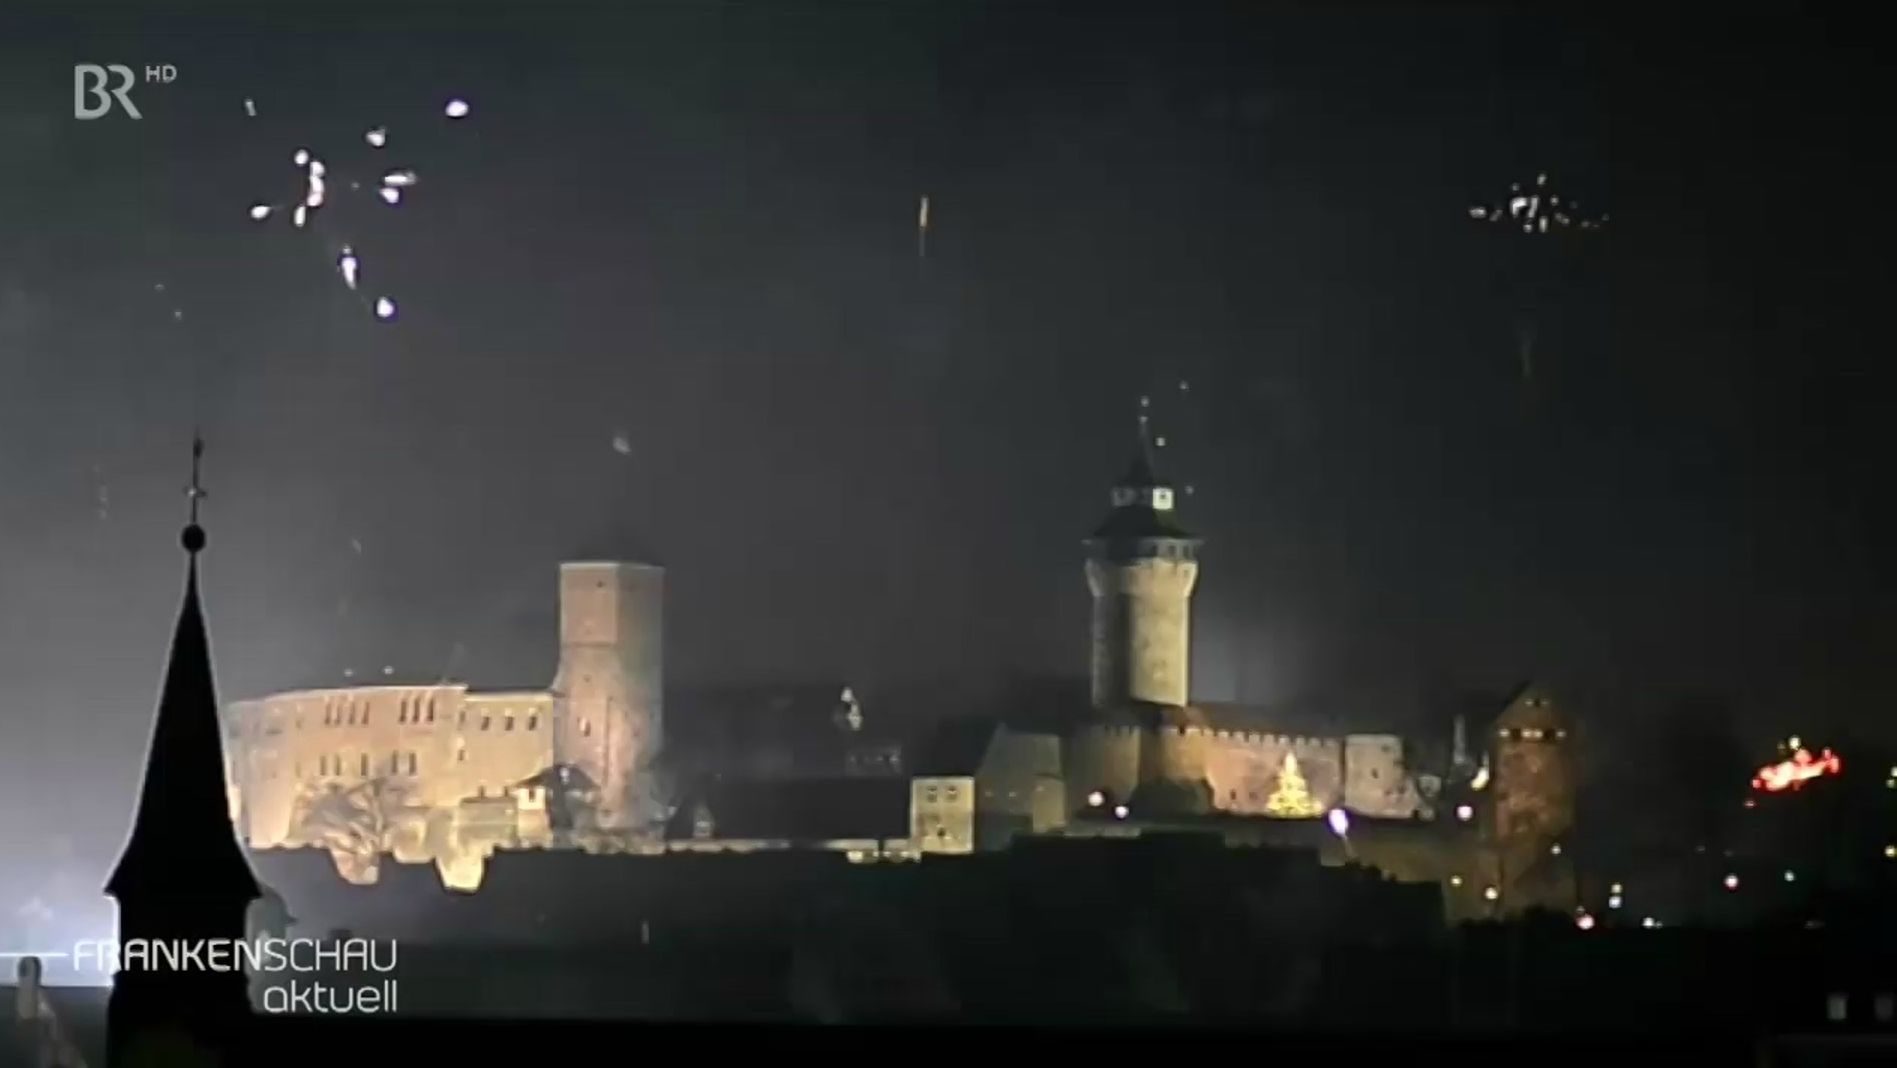 Ein Feuerwerk vor historischer Kulisse.